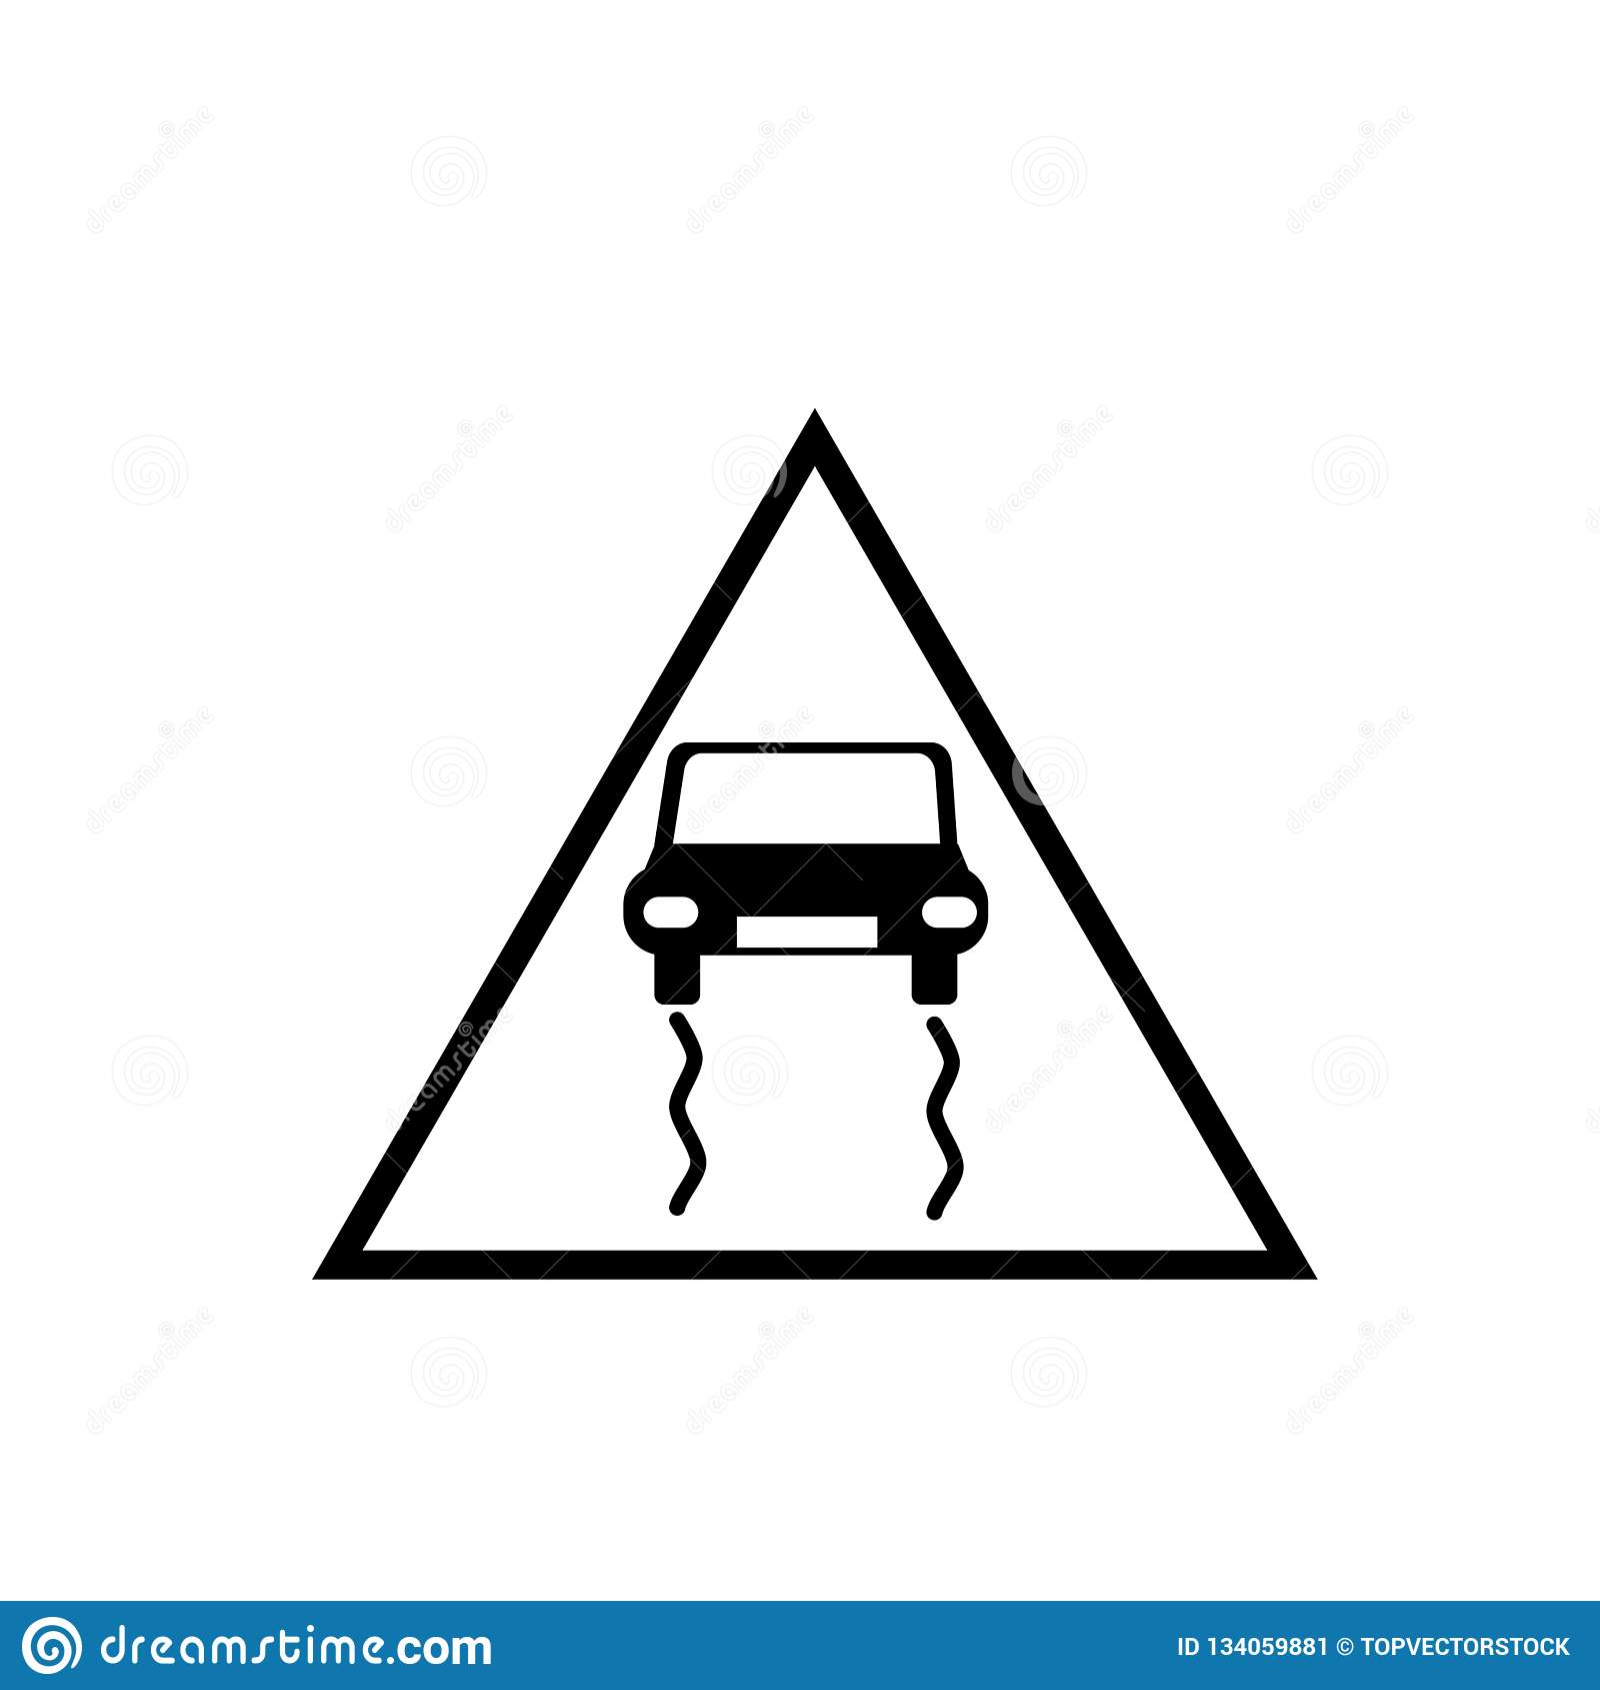 Slippy vector van het verkeerstekenpictogram op witte achtergrond, Slippy verkeerstekenteken wordt geïsoleerd dat